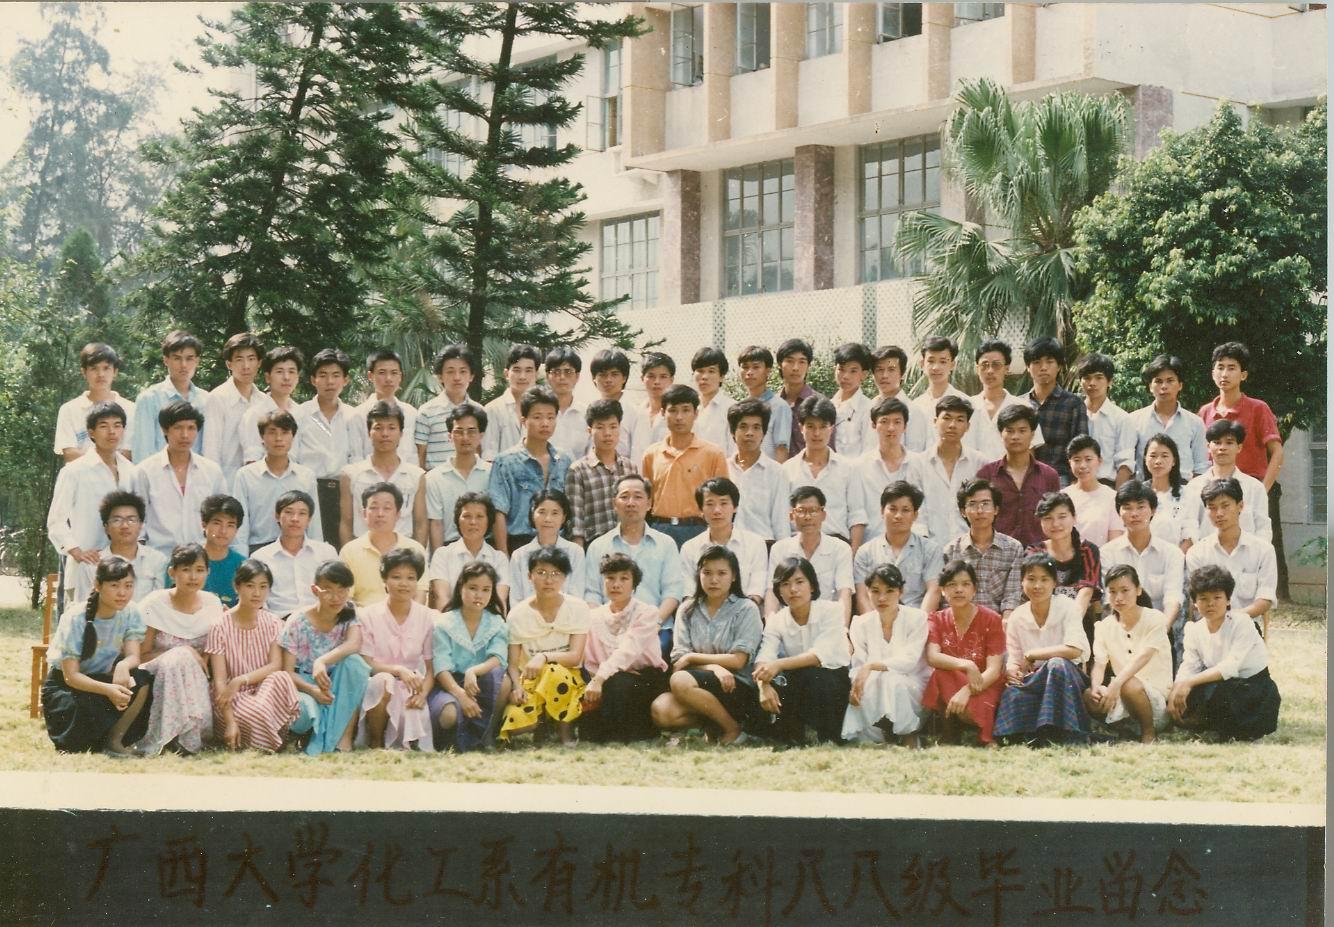 农学专业知识_1962-1995年广西大学毕业生合影-广西大学档案馆